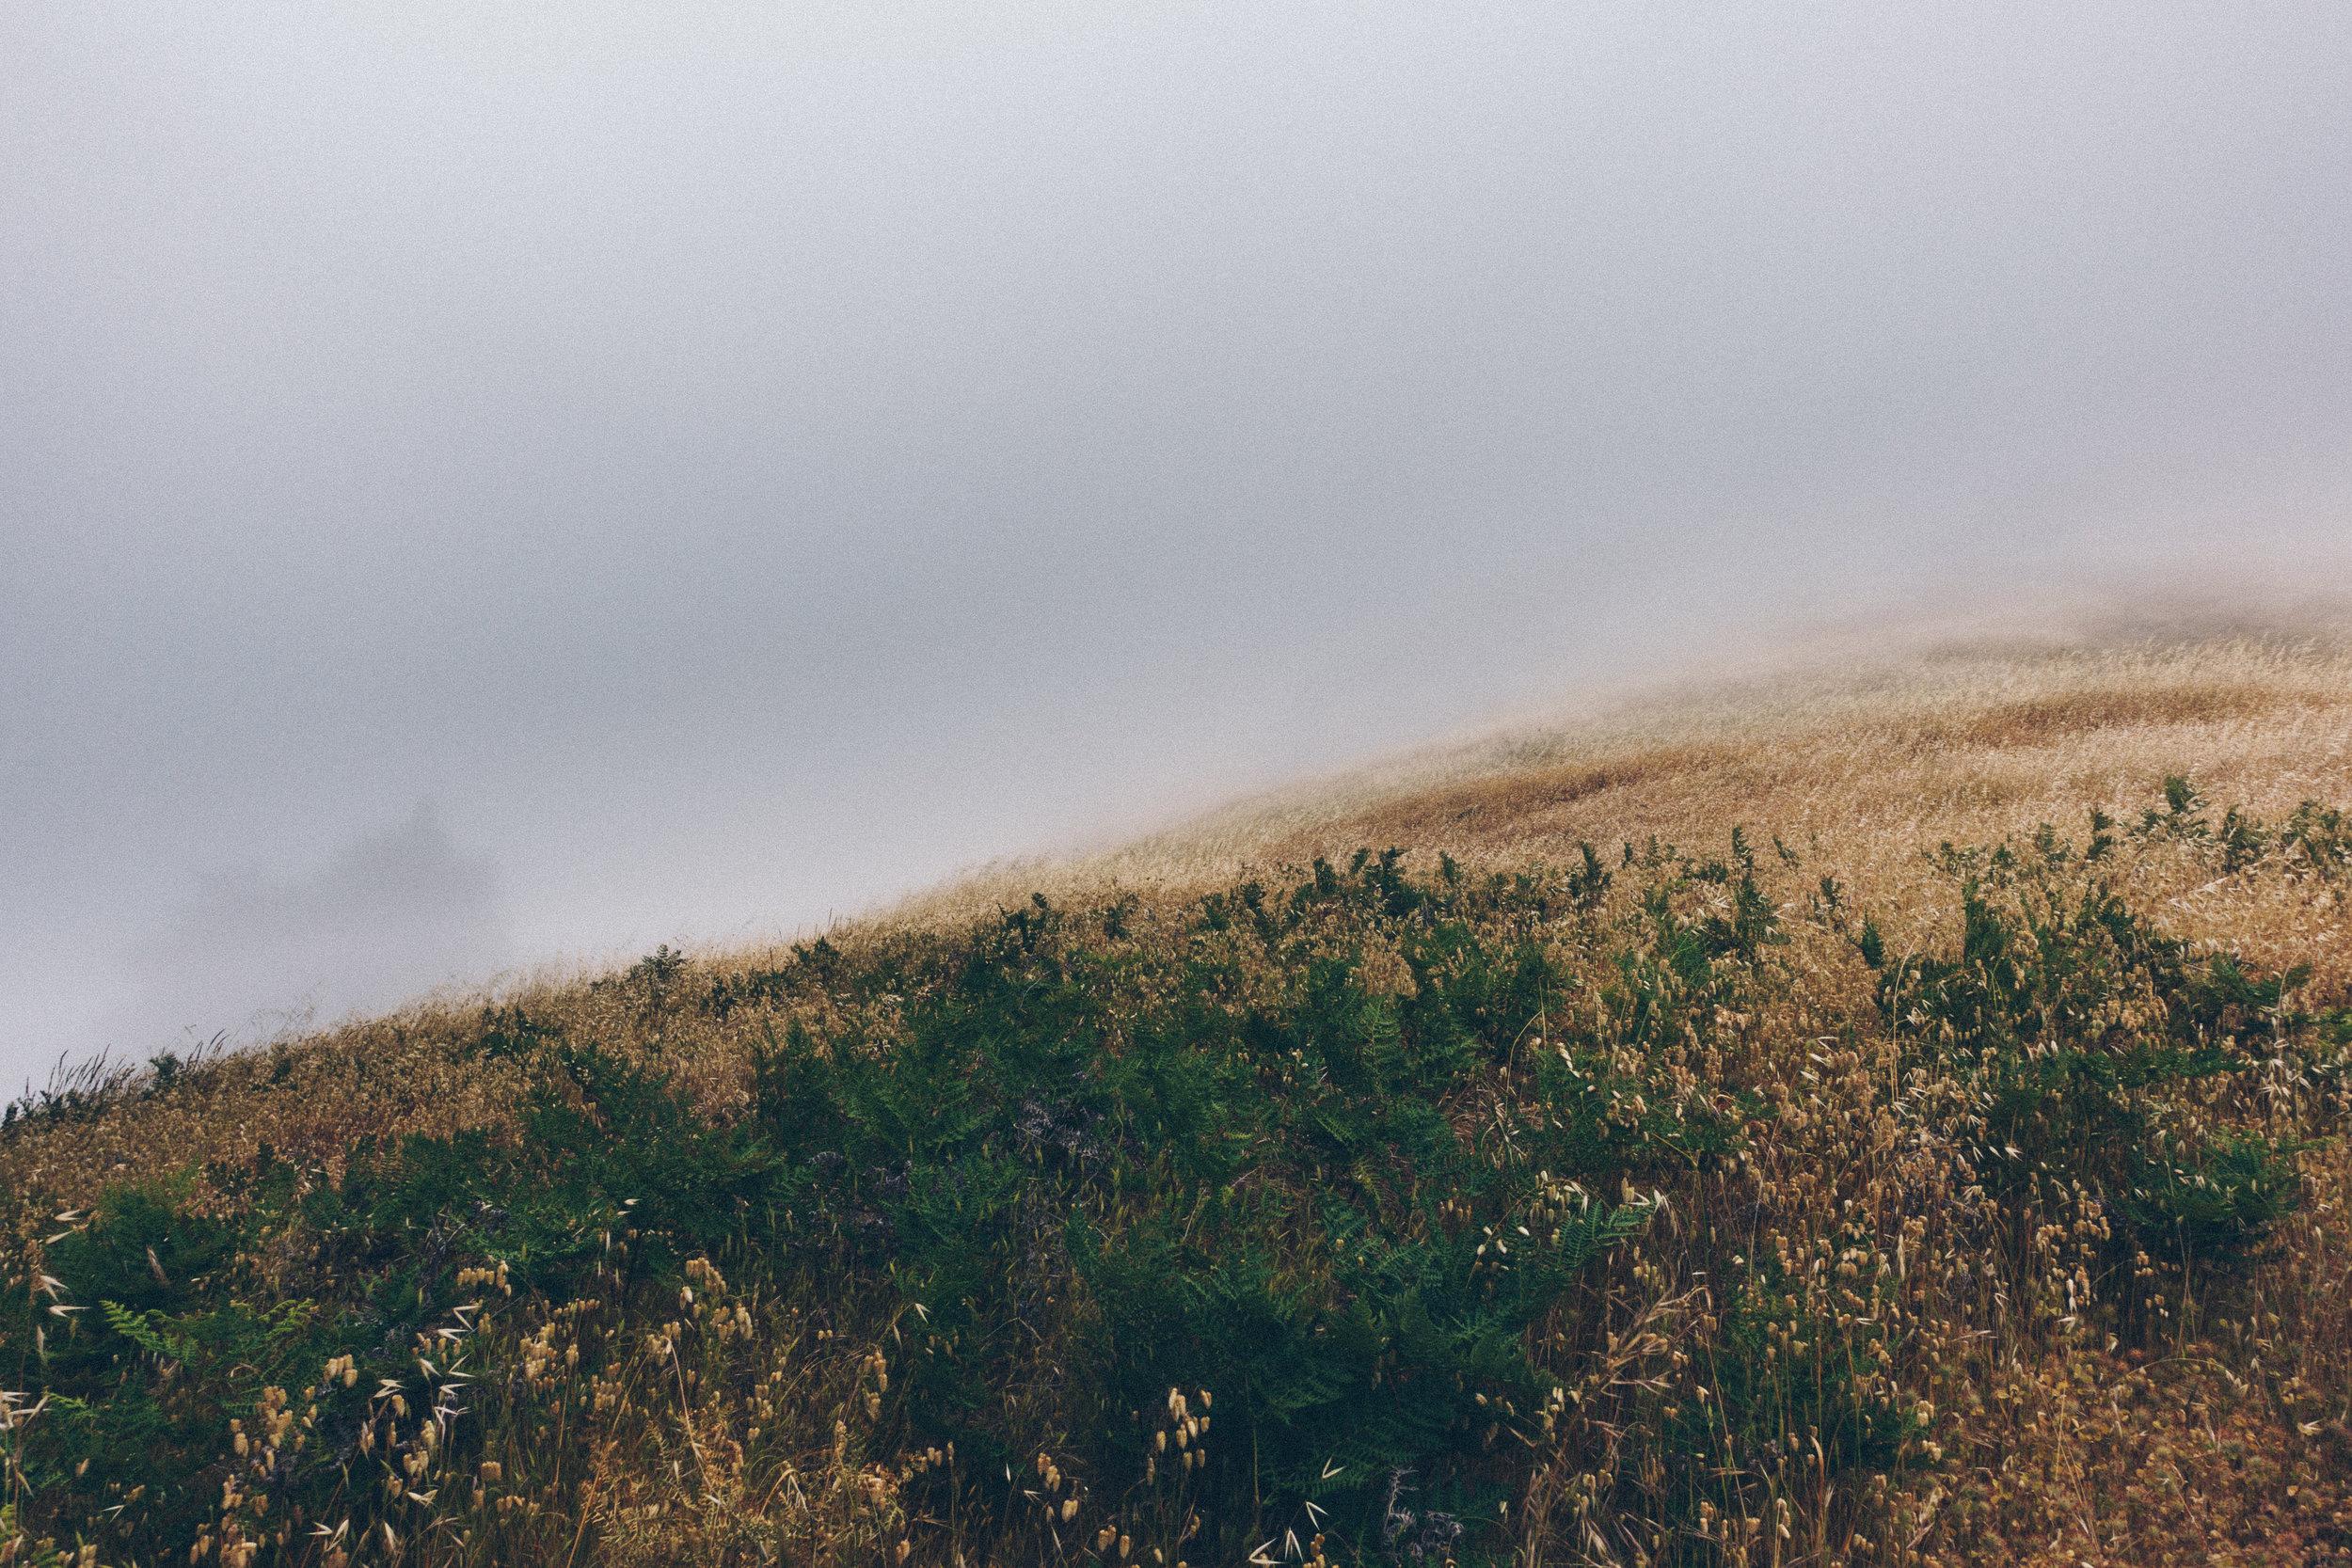 Dipsea trail in California